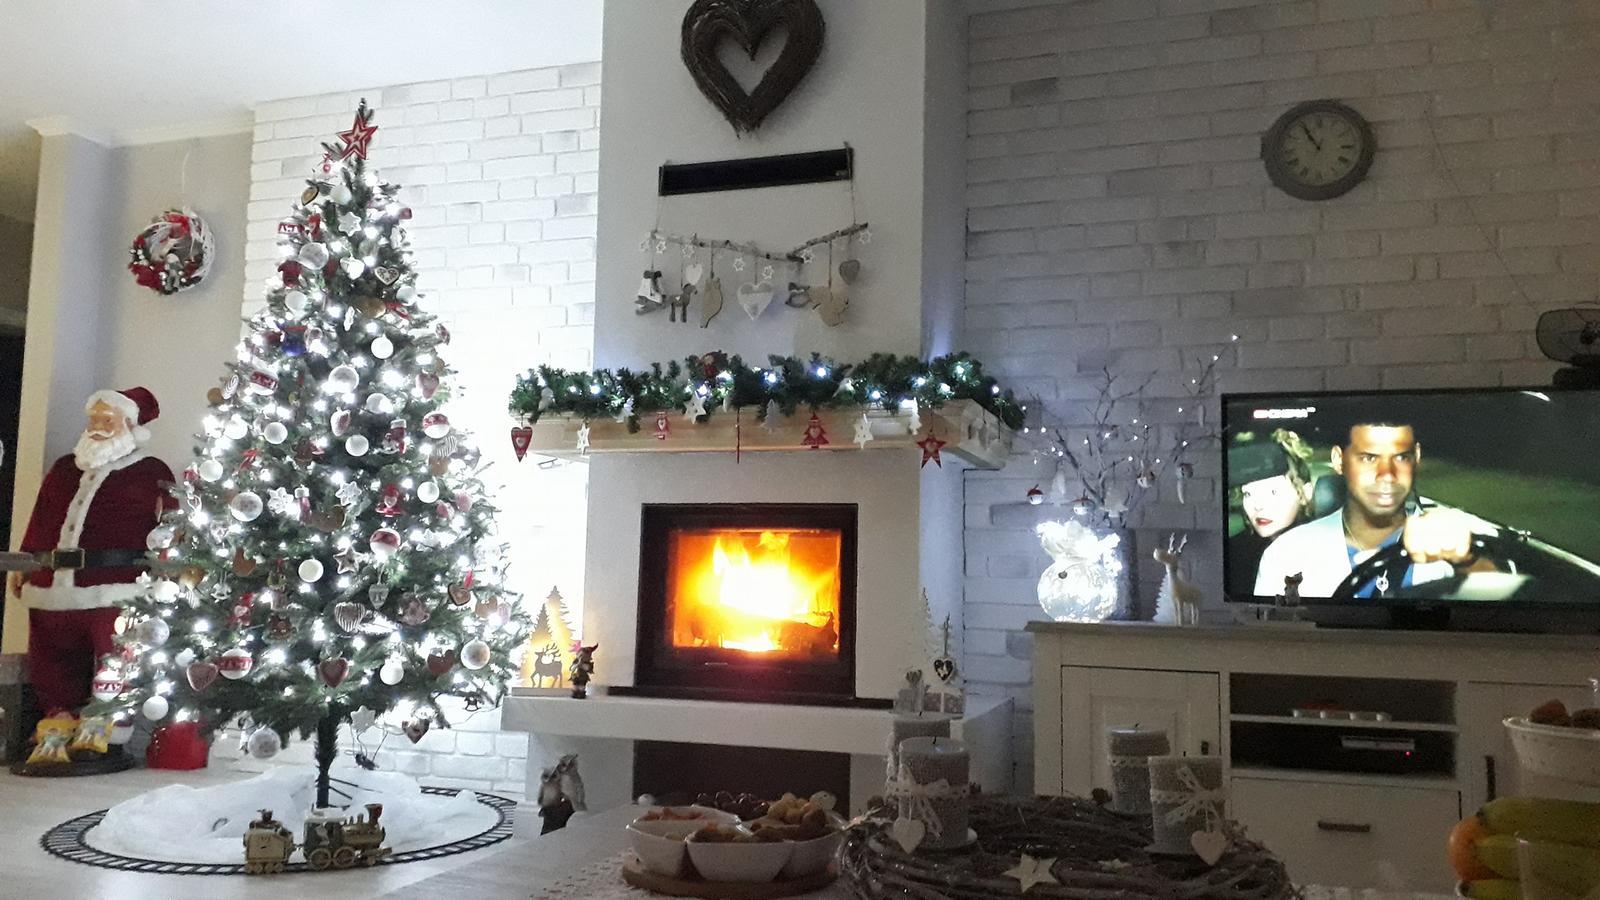 Náš domček bielo-šedý seversko-vidiecky štýl - naše prvé Vianoce v novom domčeku